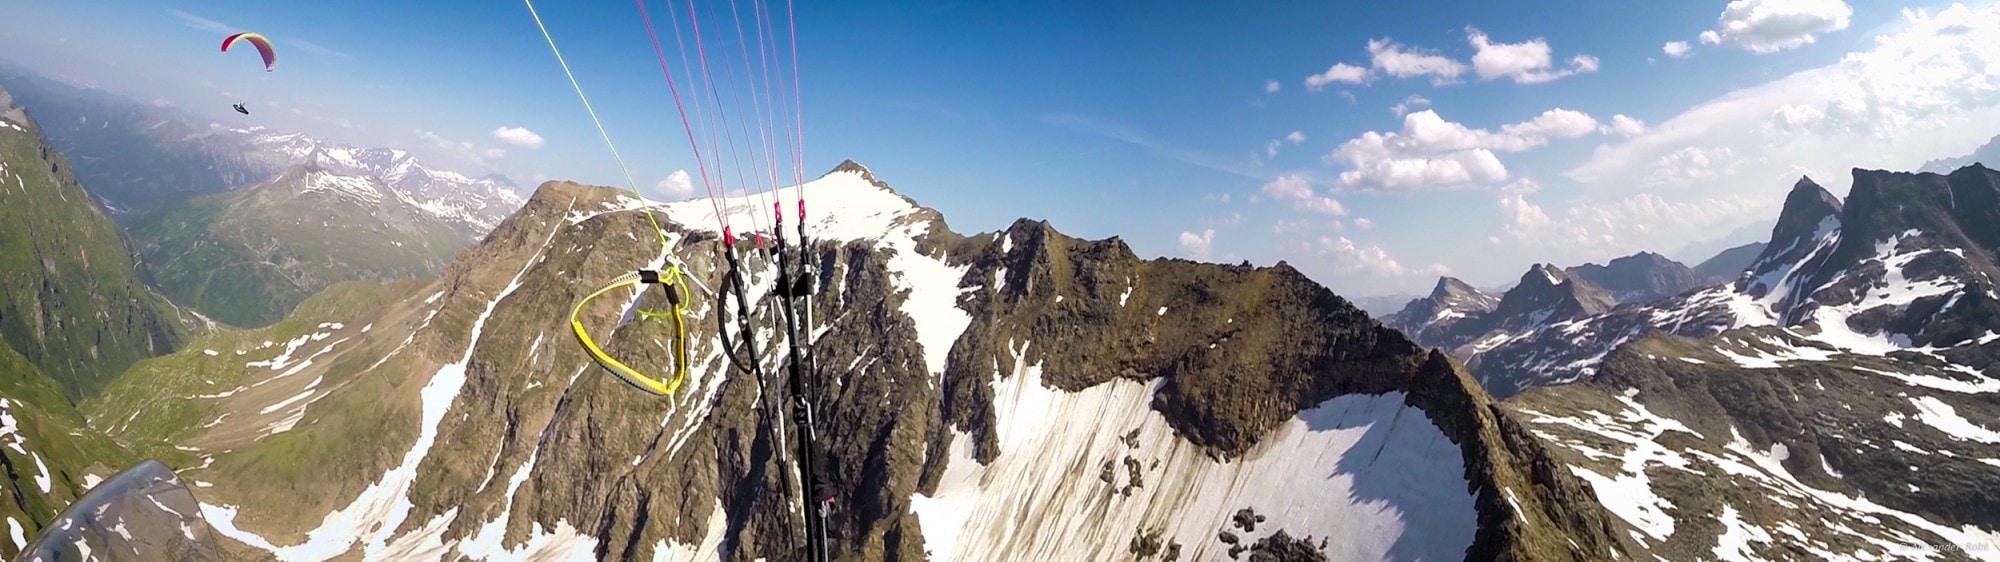 27c: diesmal bis ganz nach vorne -> direkt am Hauptgrat des Alpenhauptkamms mit Berni gewendet